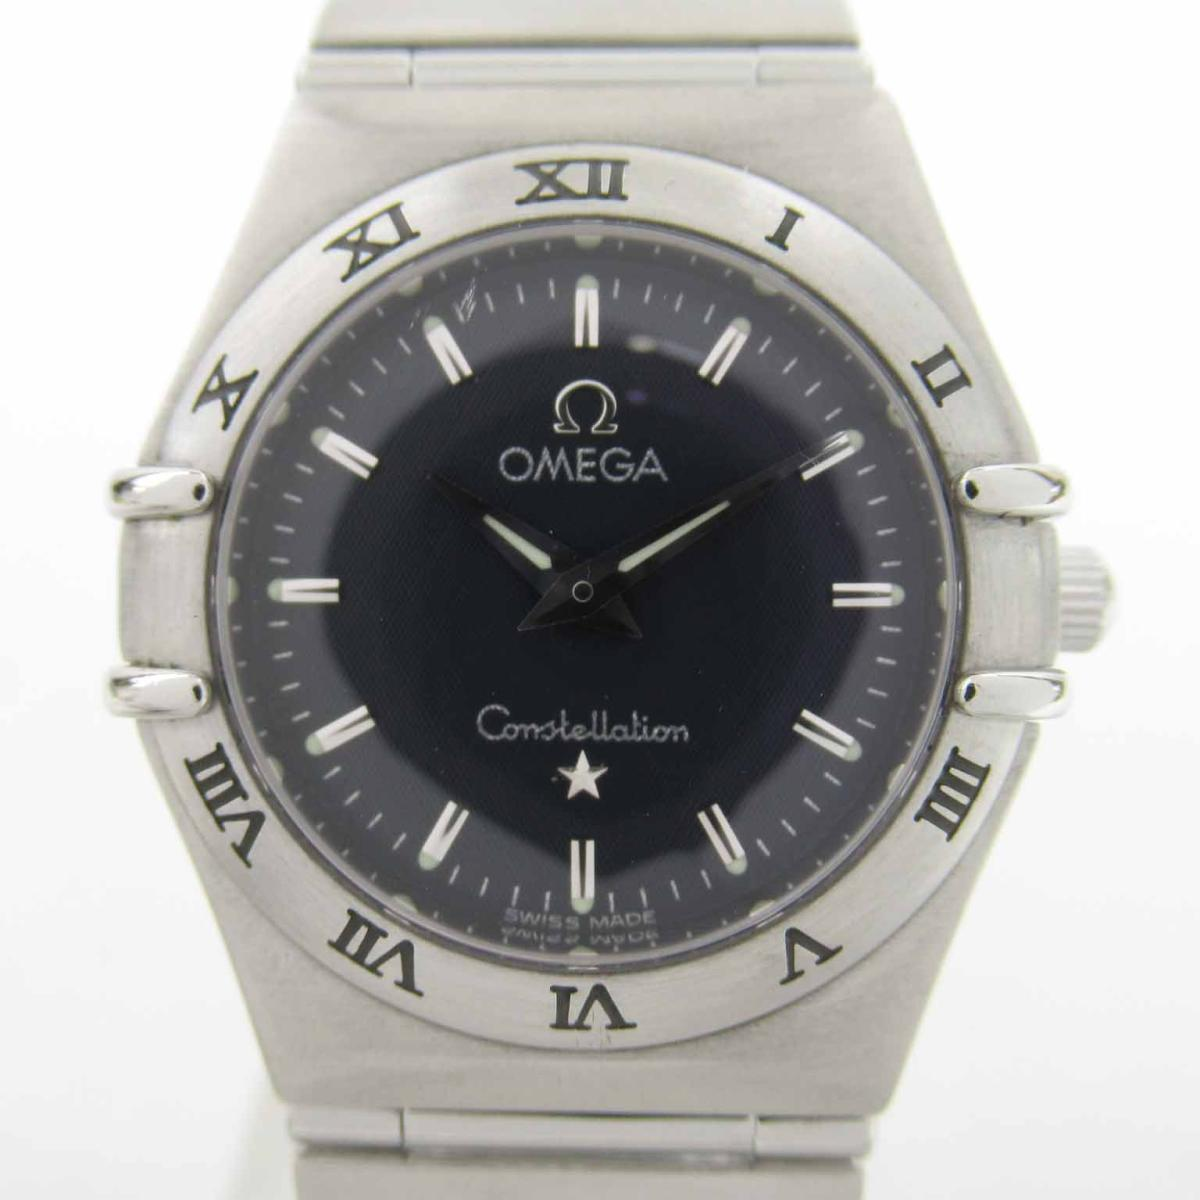 【中古】 オメガ コンステレーション ウォッチ 腕時計 レディース ステンレススチール (SS) (1572.40) | OMEGA BRANDOFF ブランドオフ ブランド ブランド時計 ブランド腕時計 時計